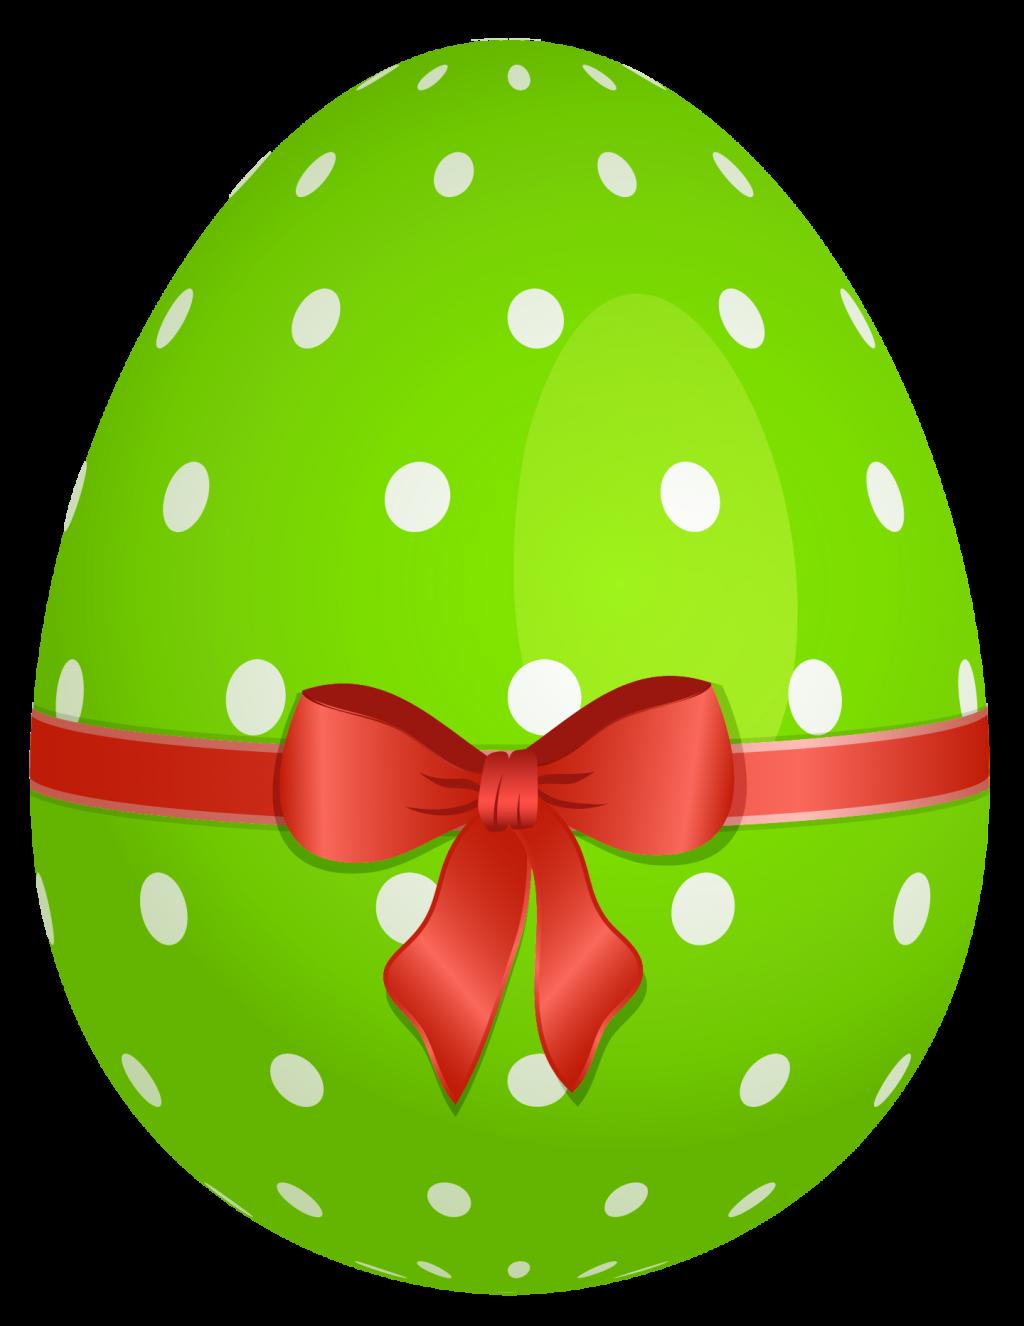 Картинки пасхальные яйца для детей, самая